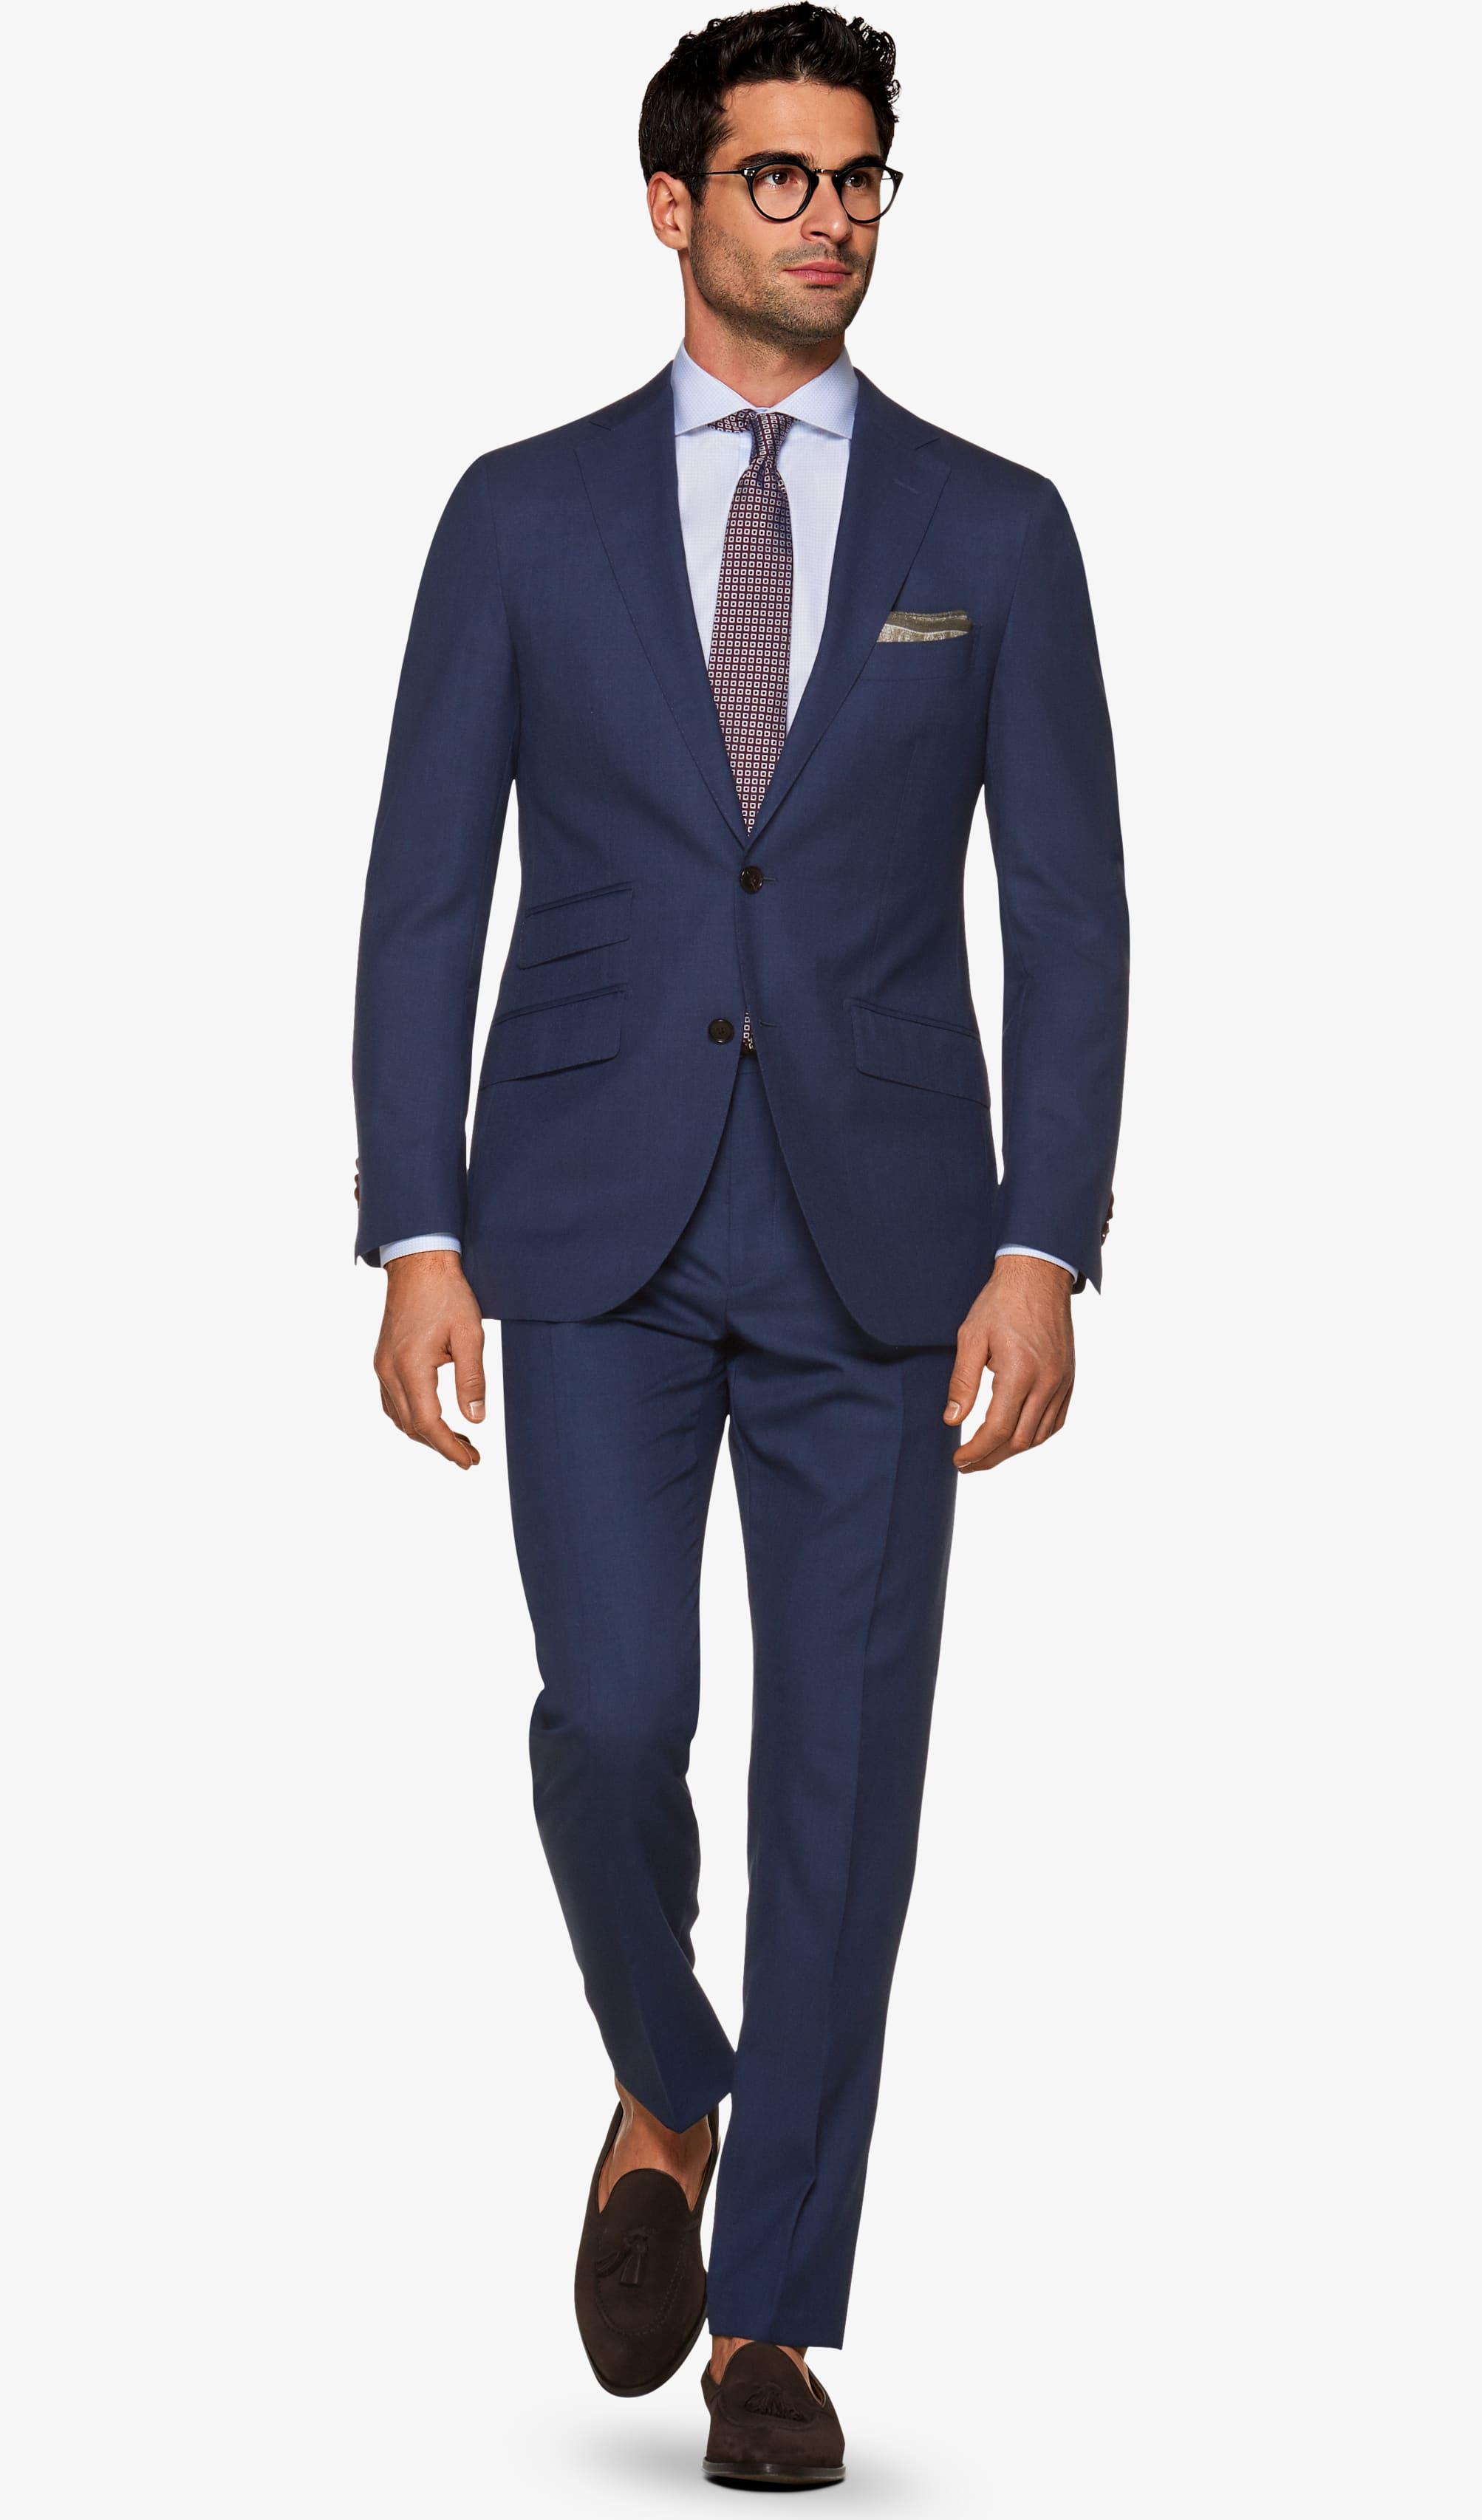 Suit_Blue_Plain_Sienna_P5117VI